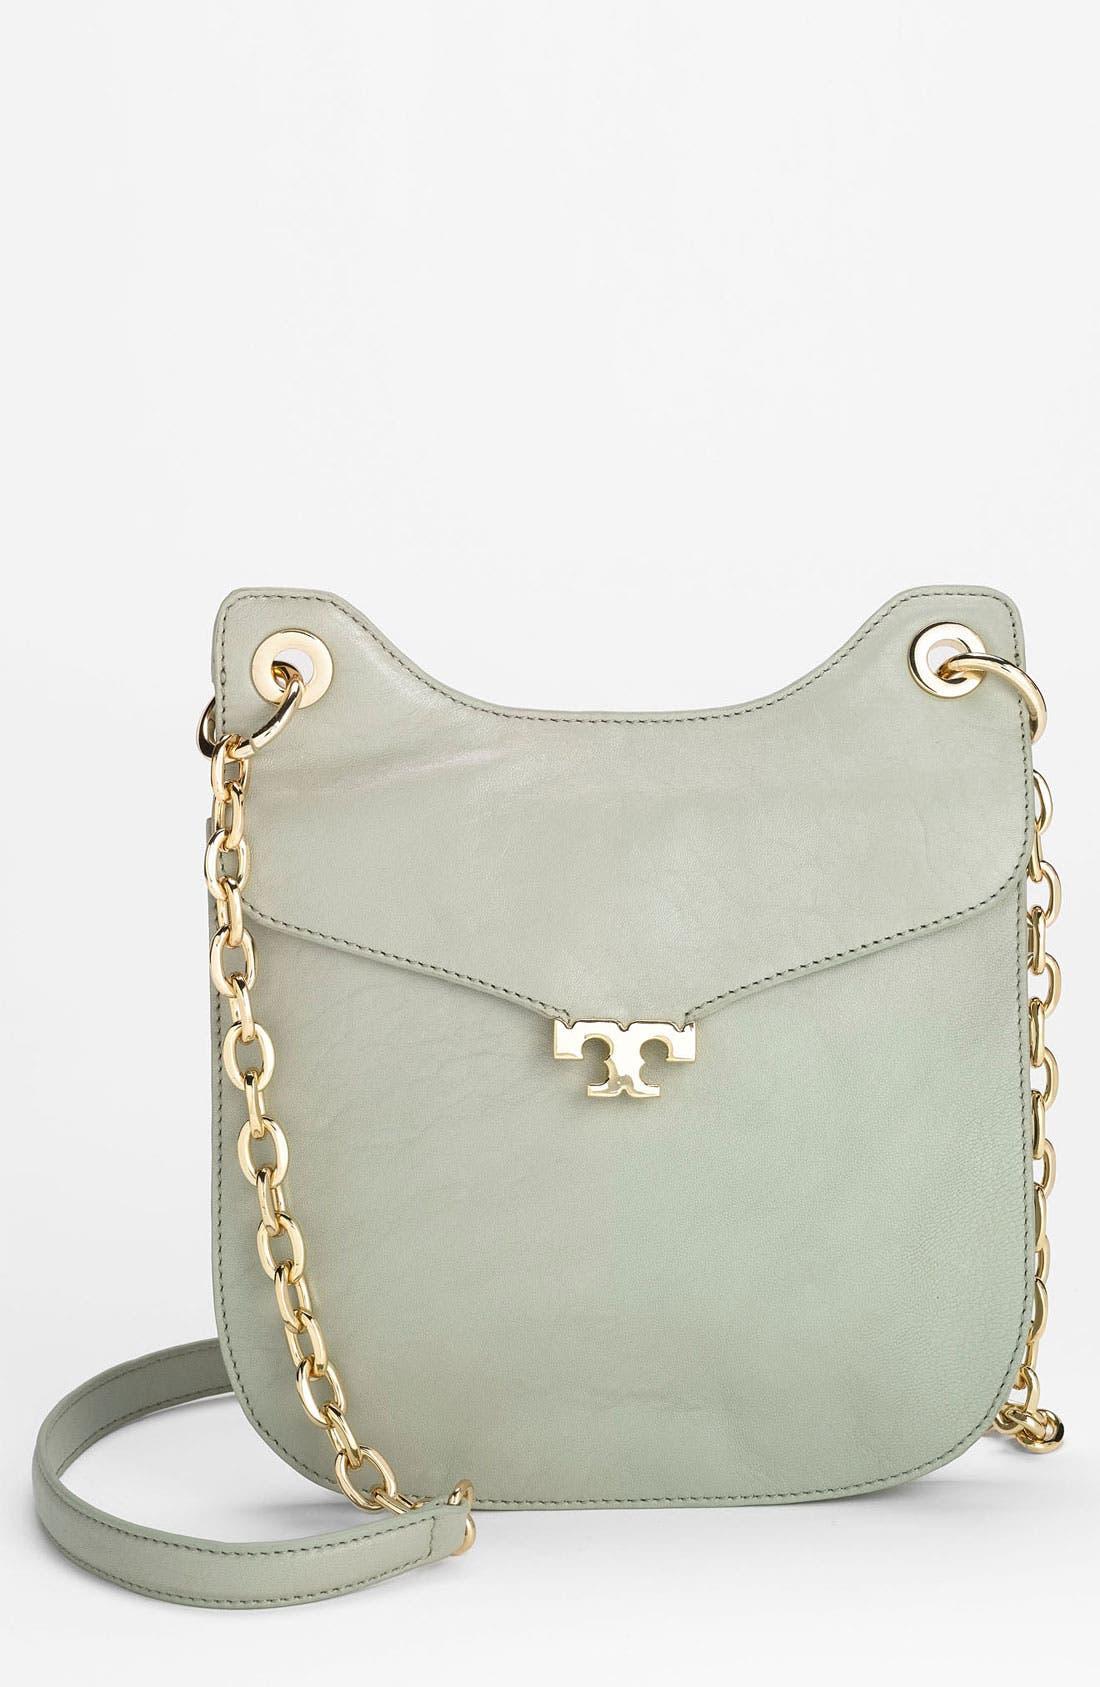 Main Image - Tory Burch 'Megan' Crossbody Bag